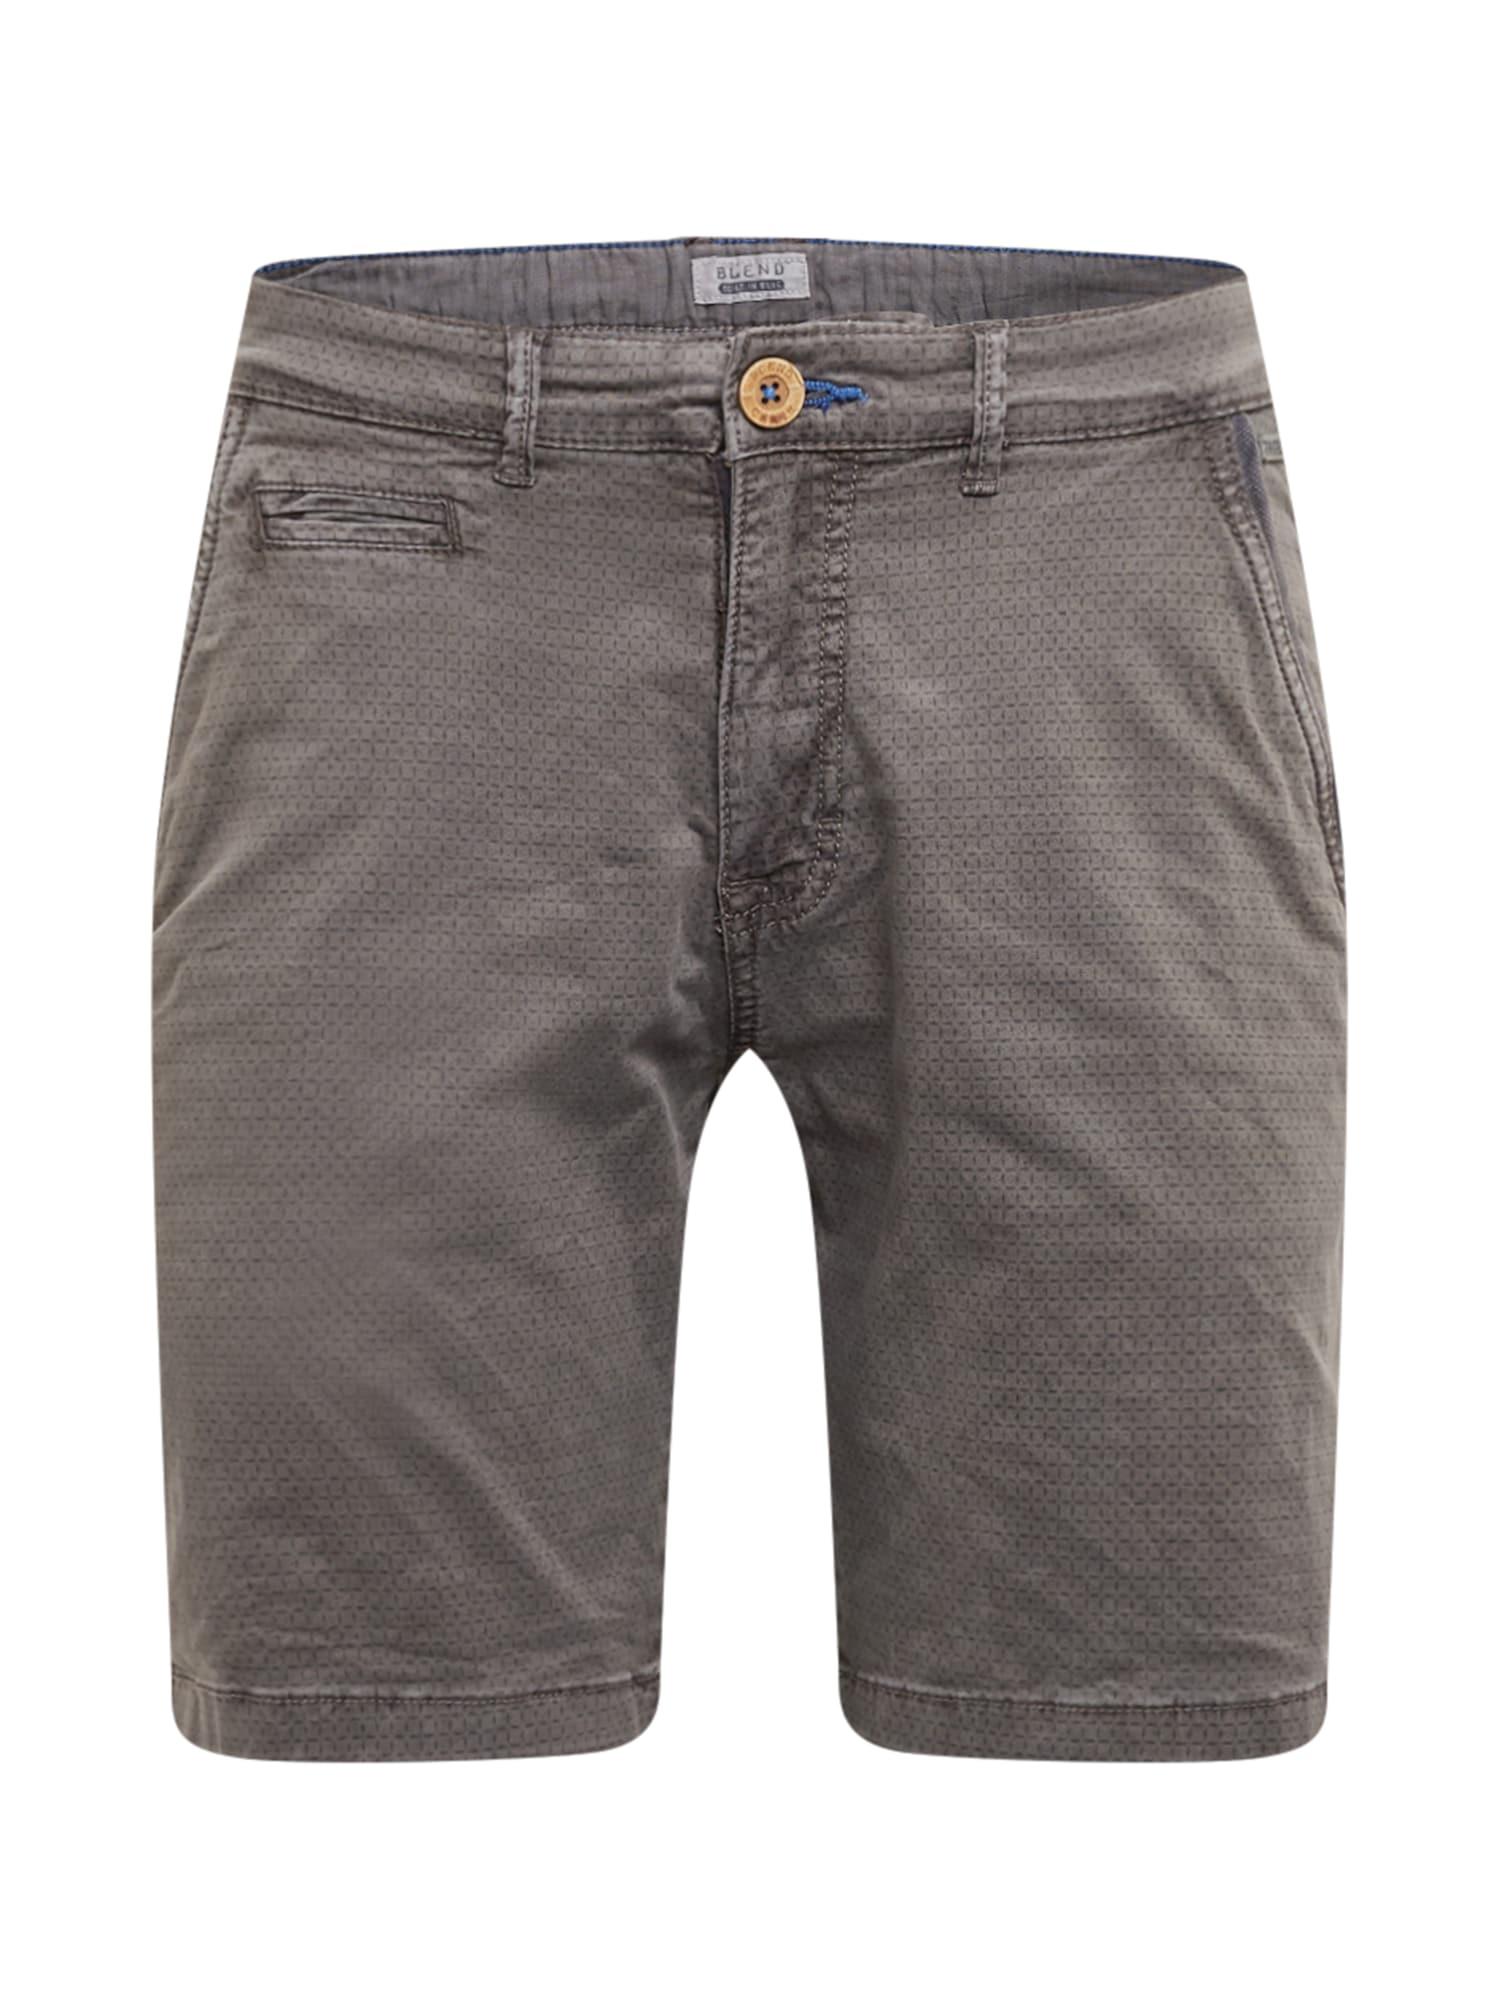 BLEND Chino kalhoty  barvy bláta